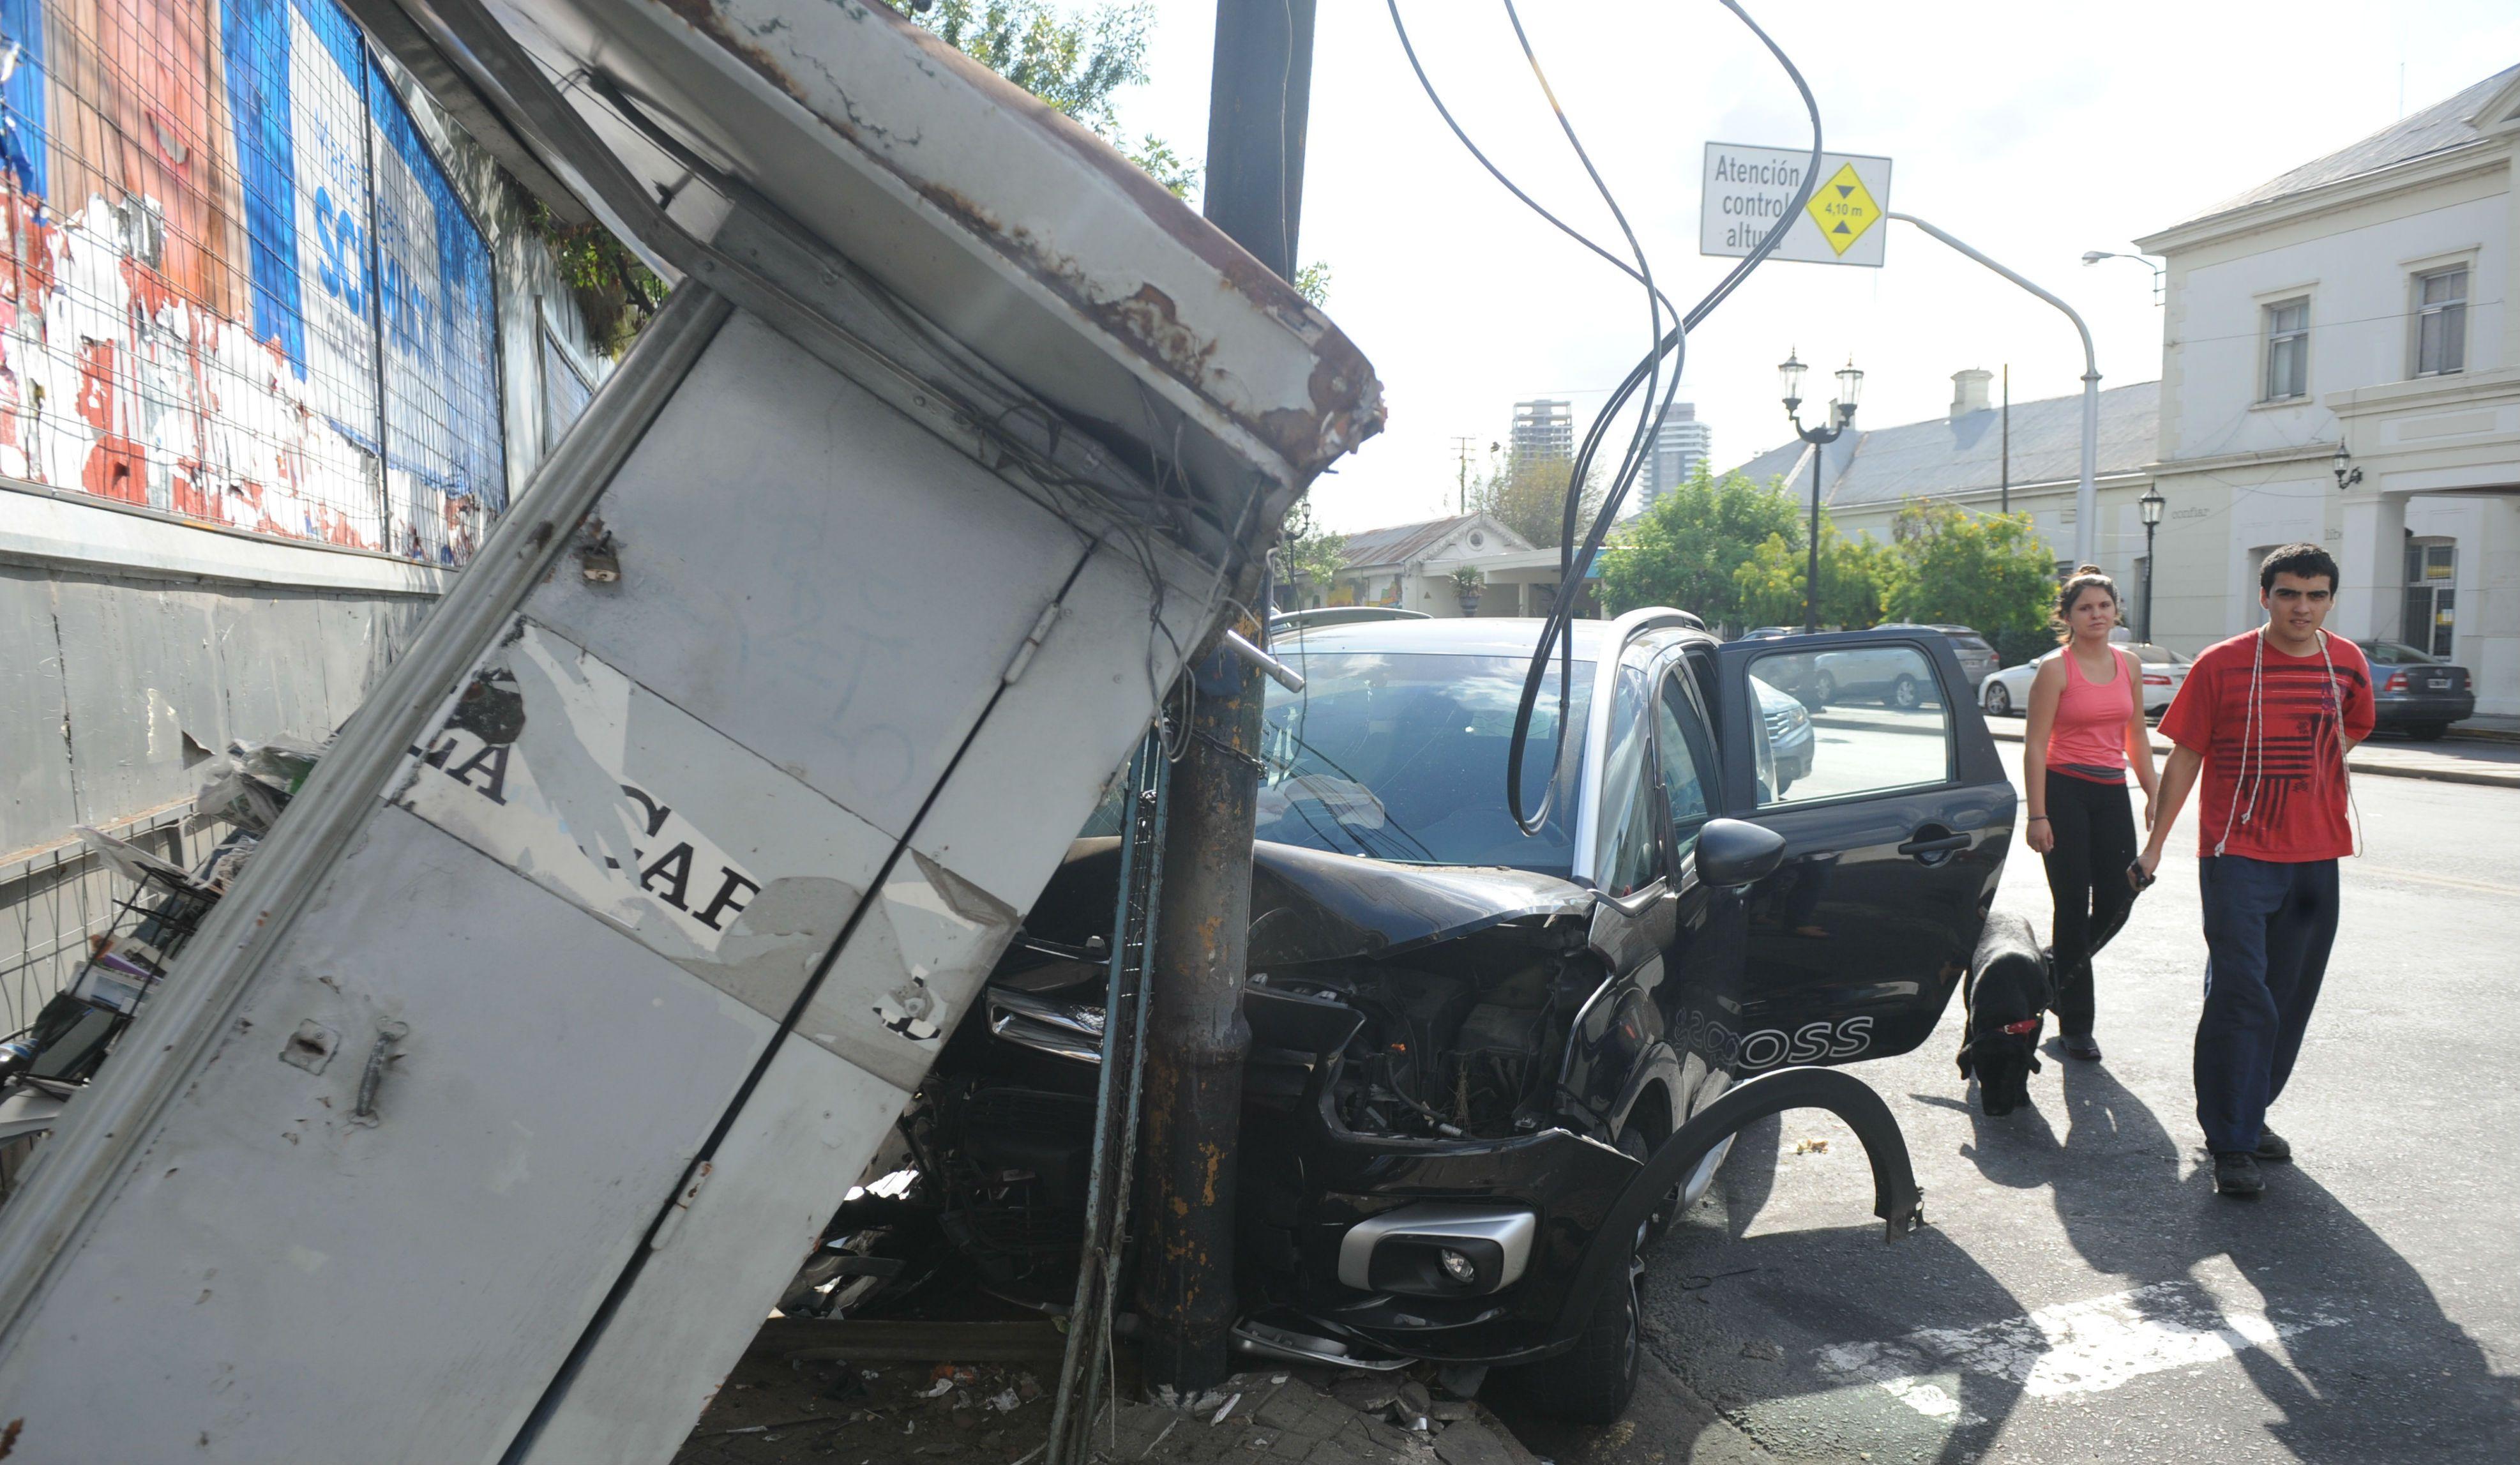 La tranquilidad de la tarde de Pichincha se vio alterada por el fuerte impacto de un automóvil contra un kiosco de diarios.